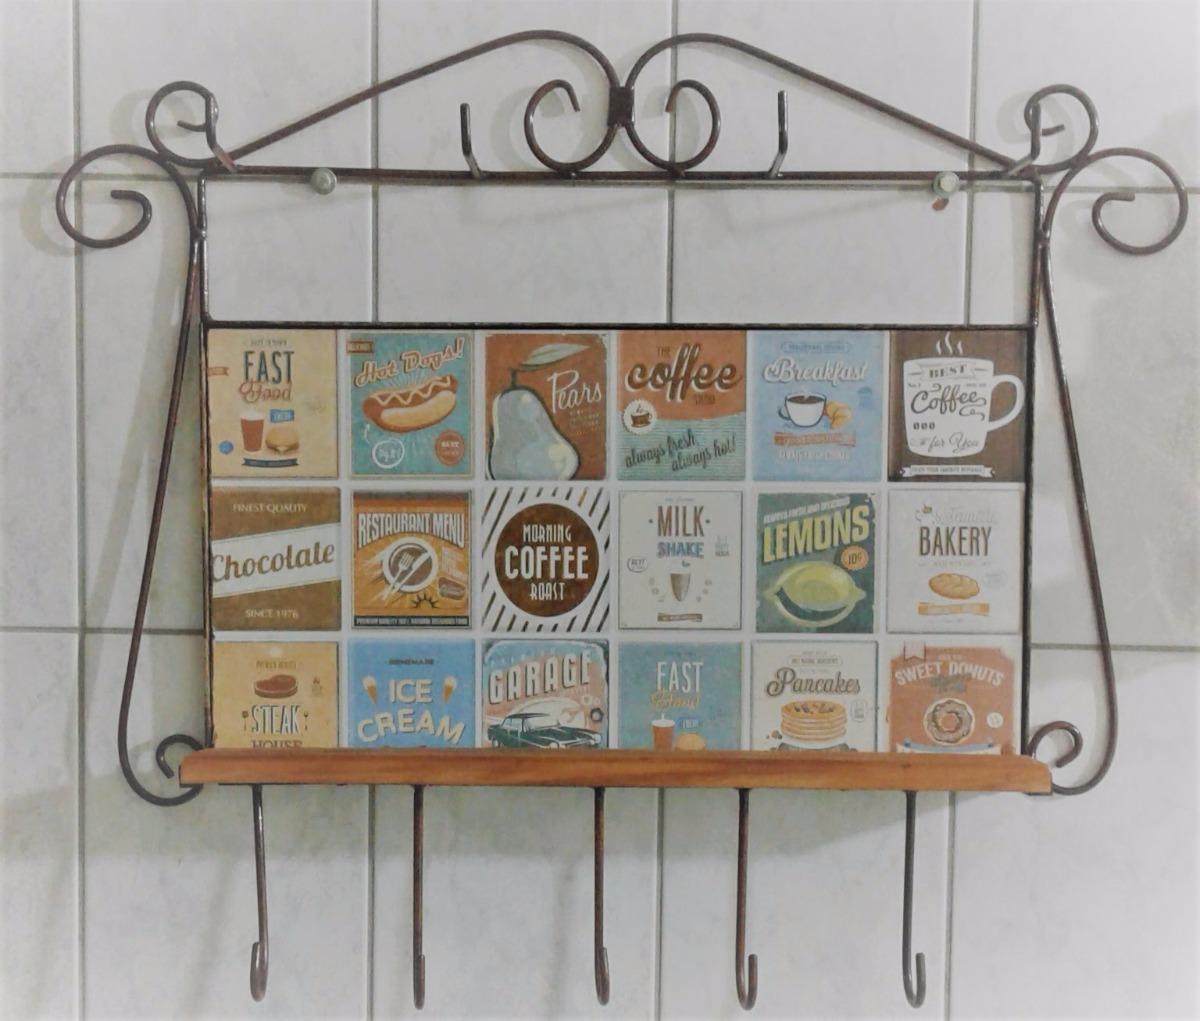 Canecas Porta Canecas E Utensilios Para Cozinha R 265 00 Em